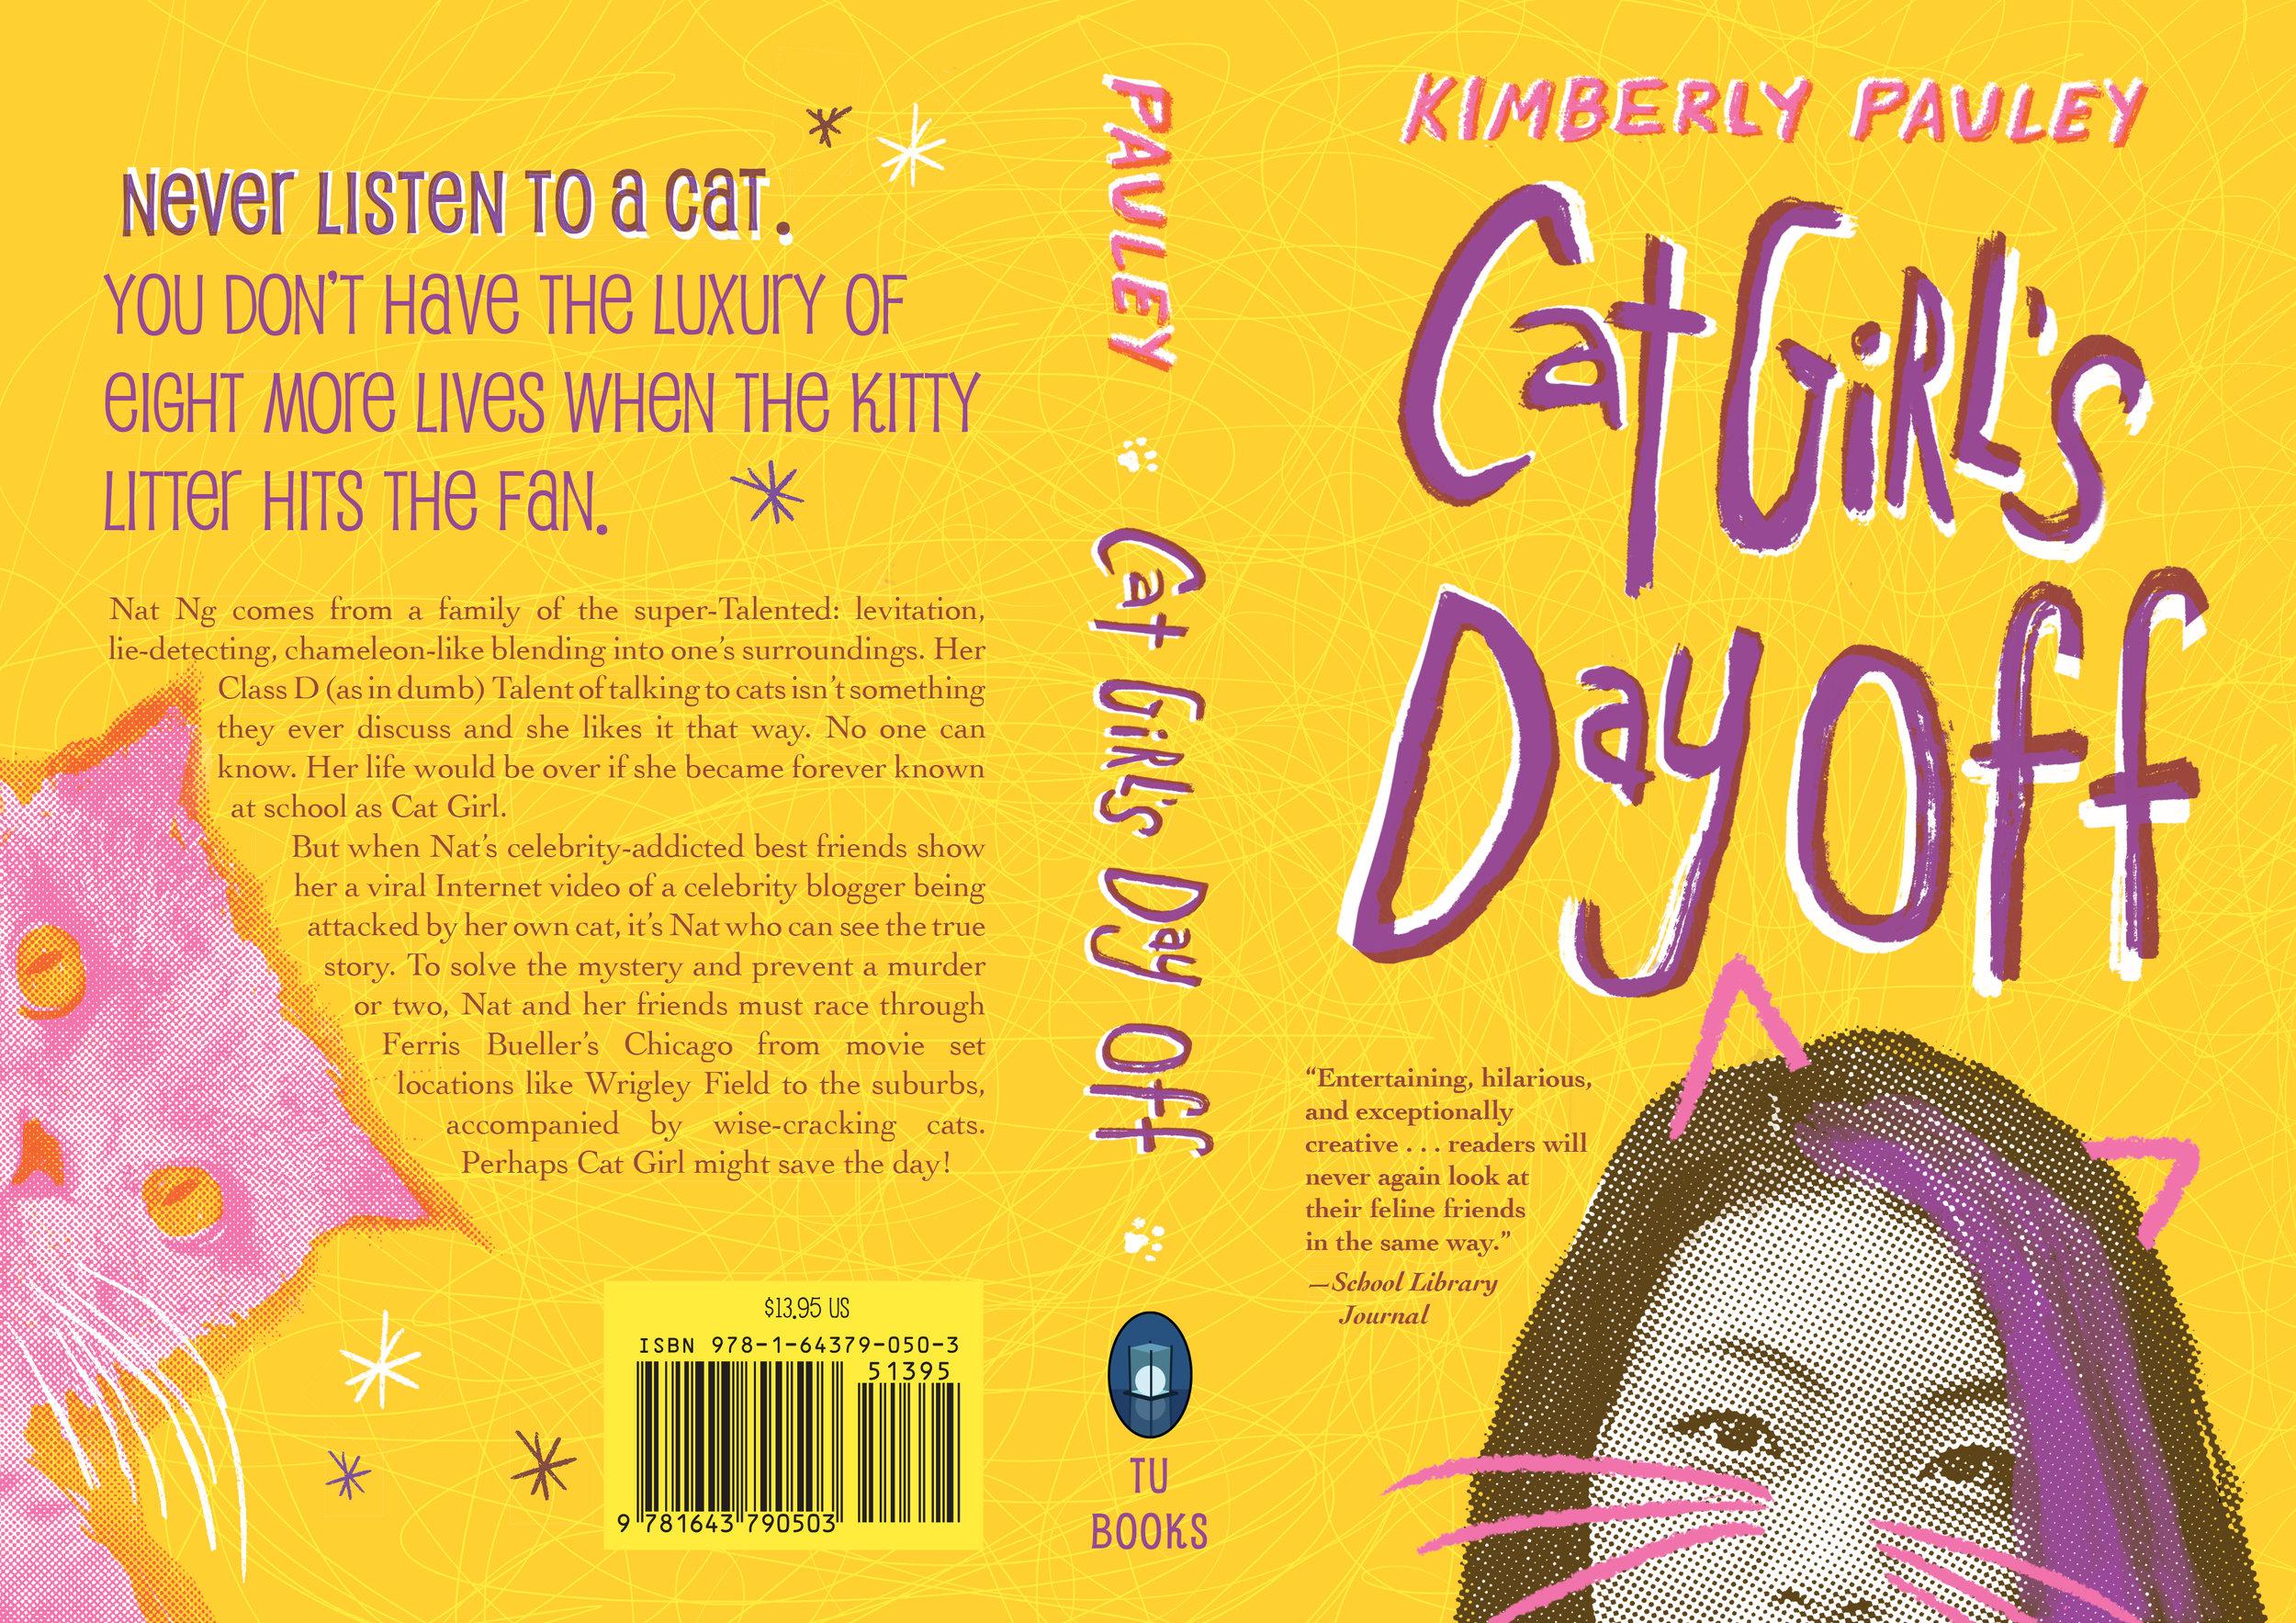 CatGirl_PB_full-cover.jpg